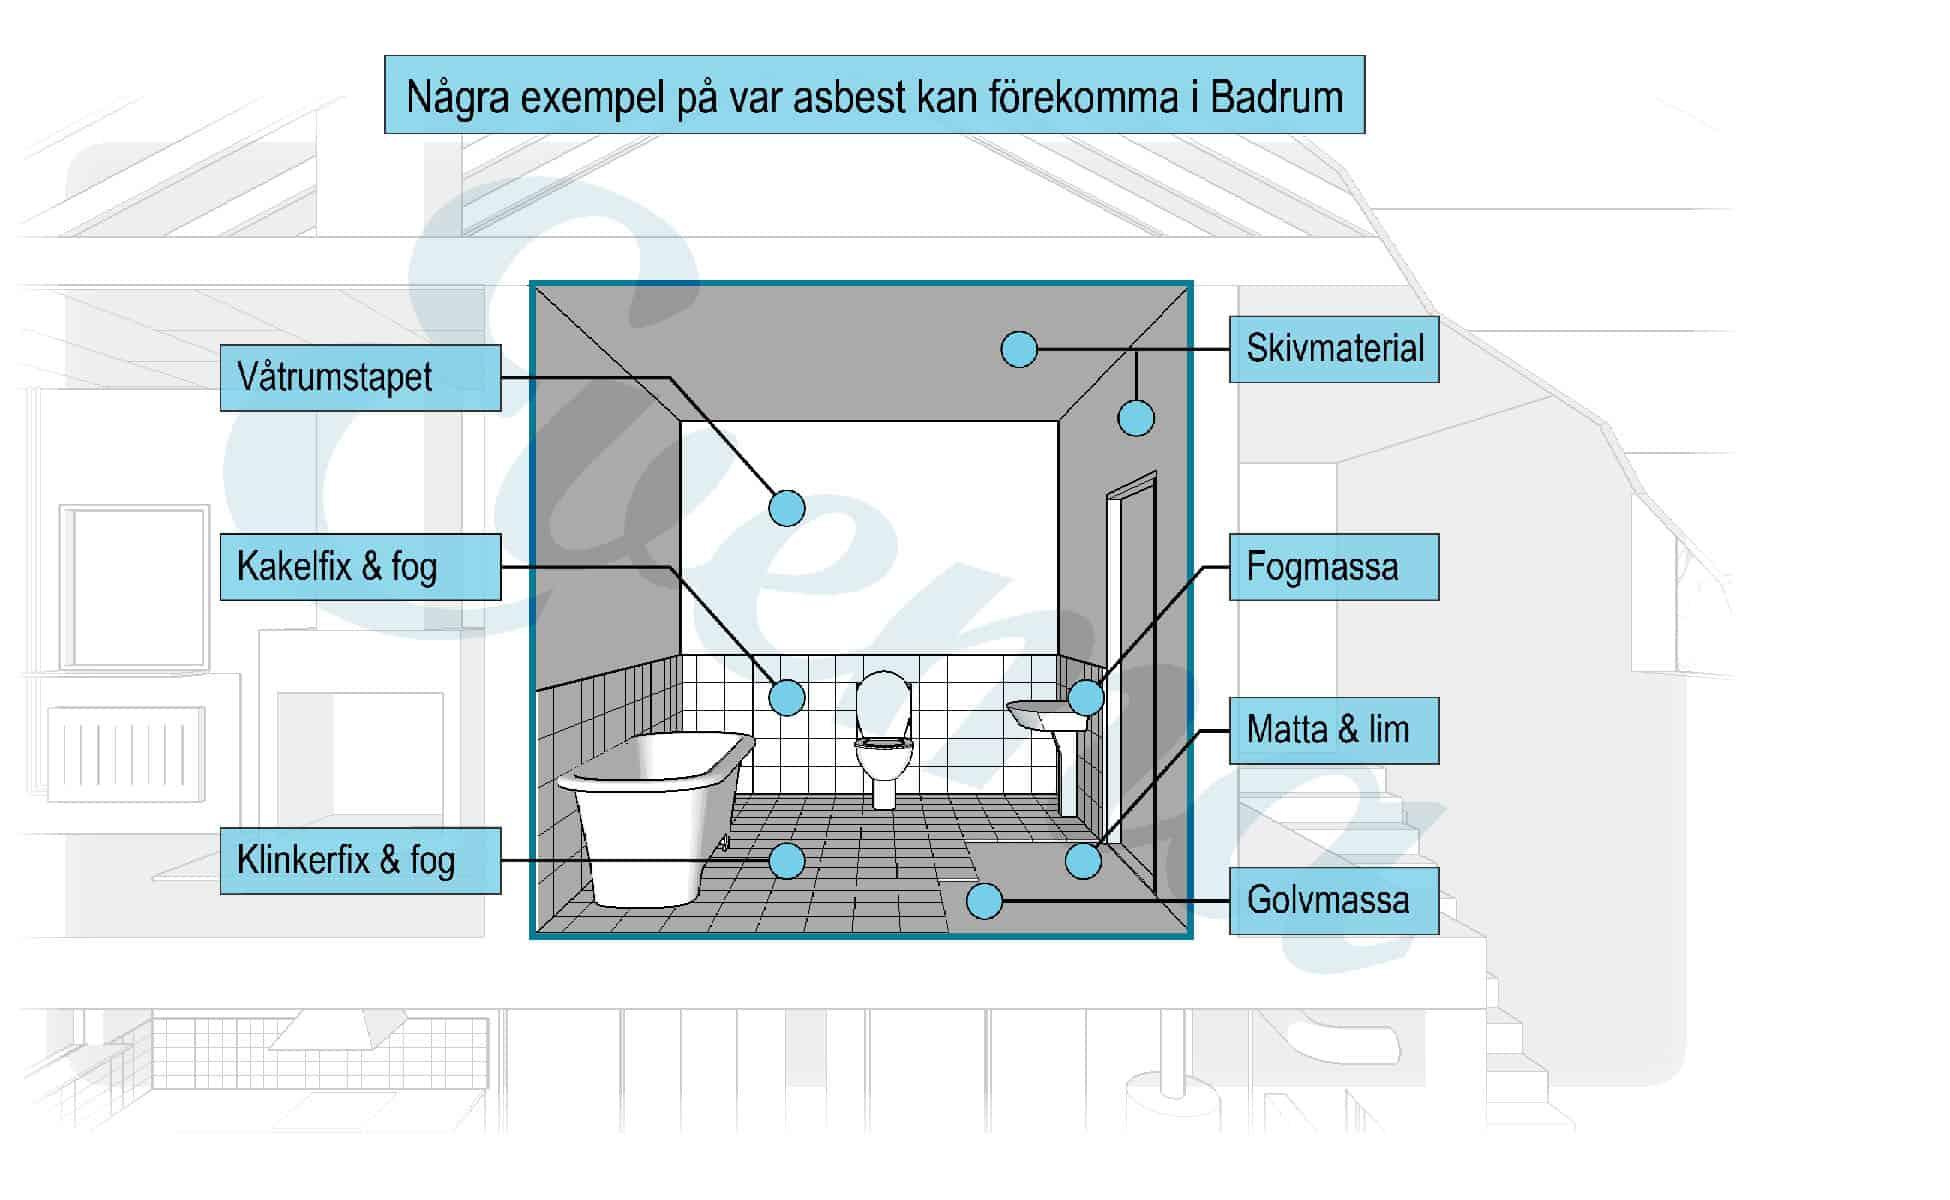 Grafisk bild som visar vart det kan finnas asbest i ett badrum